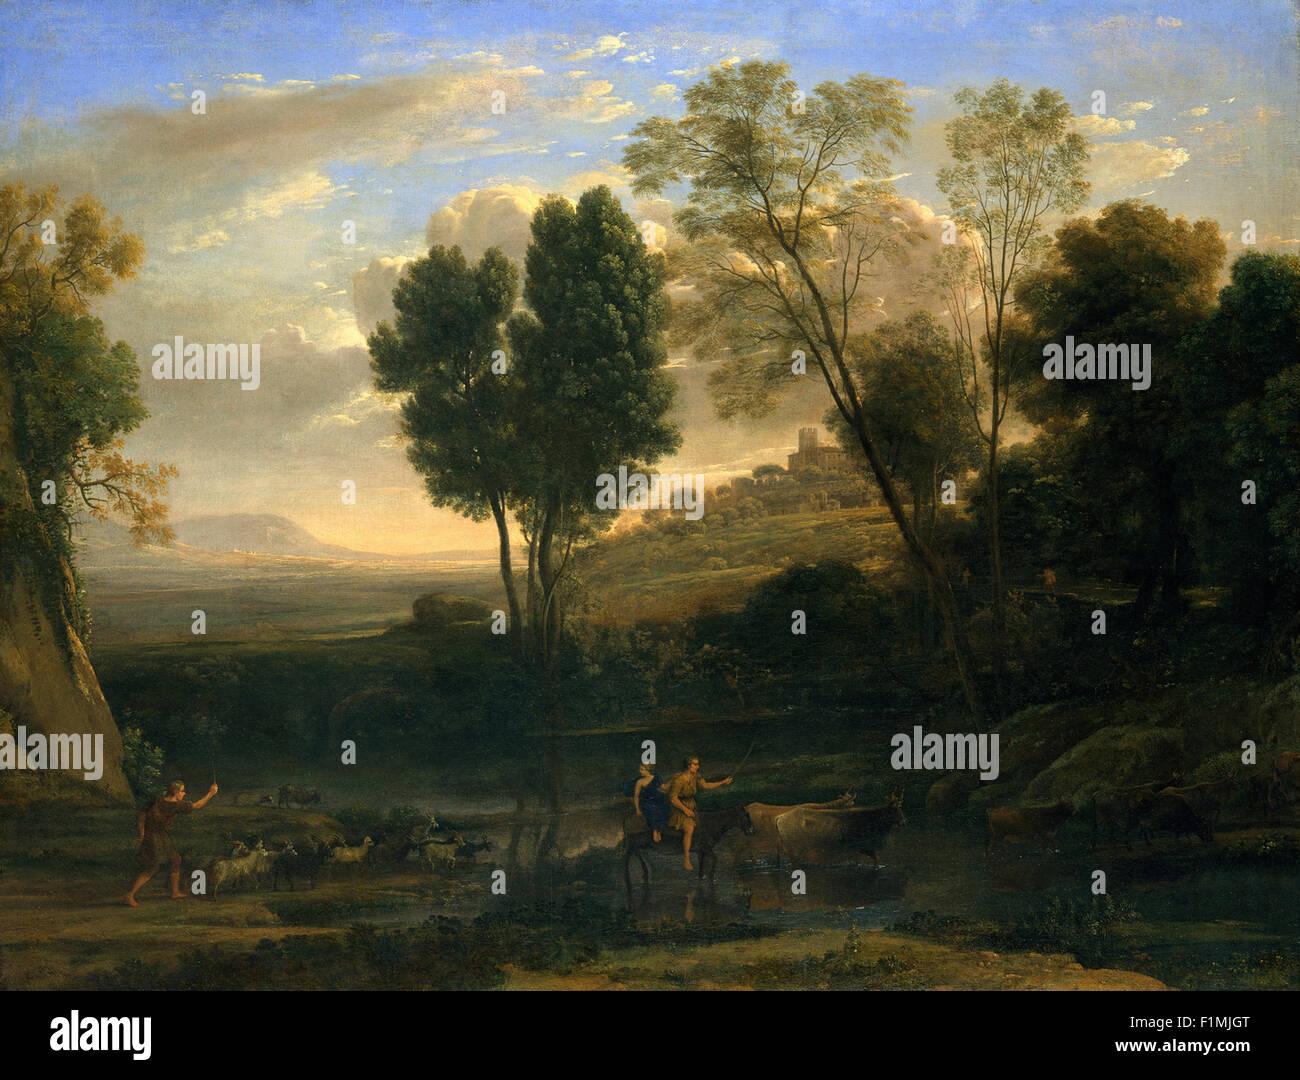 Claude Lorrain (Claude Gellée) - Sunrise - Stock Image